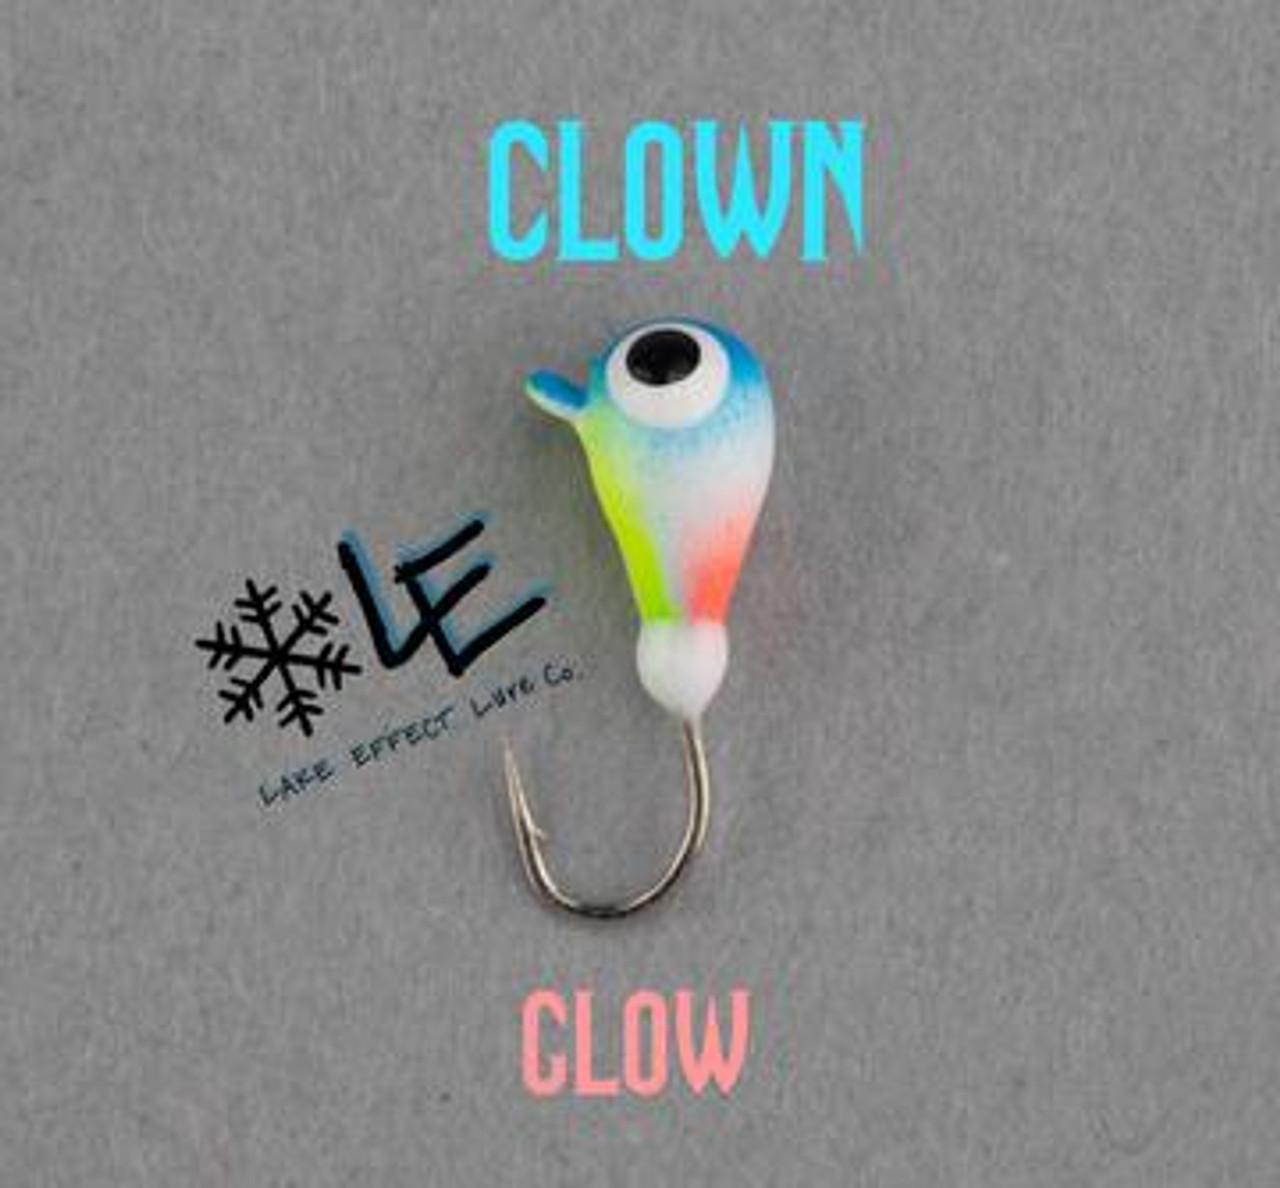 Clown-601